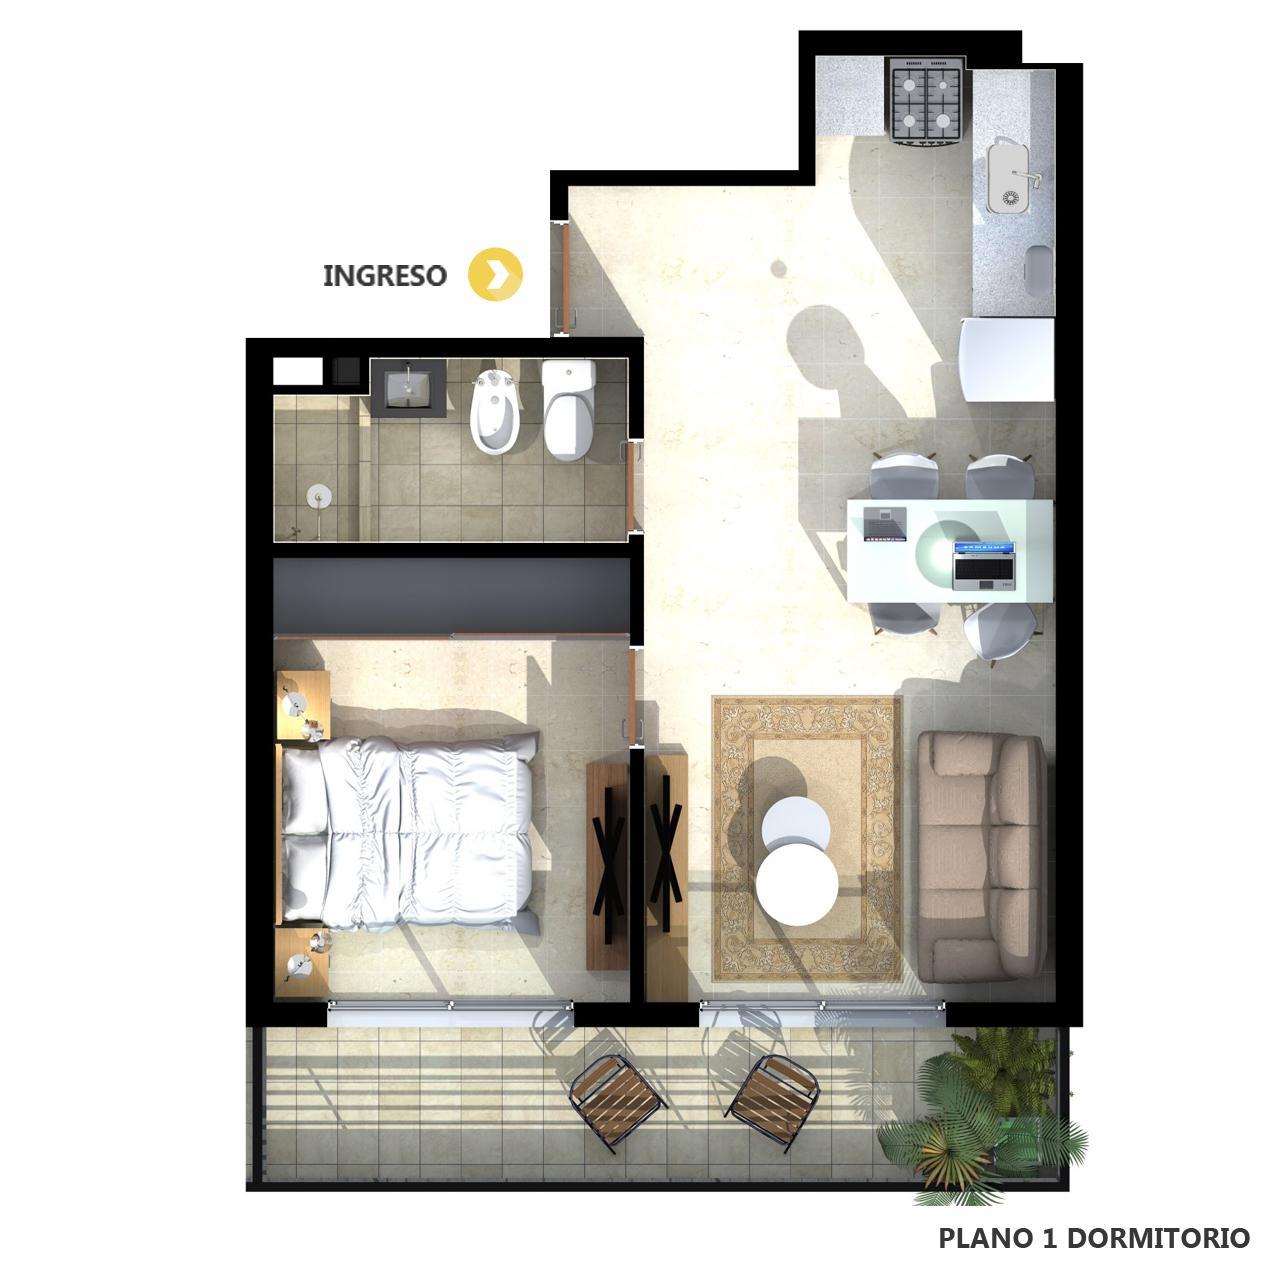 Venta departamento 1 dormitorio Rosario, Parque España. Cod CBU21847 AP2199385. Crestale Propiedades